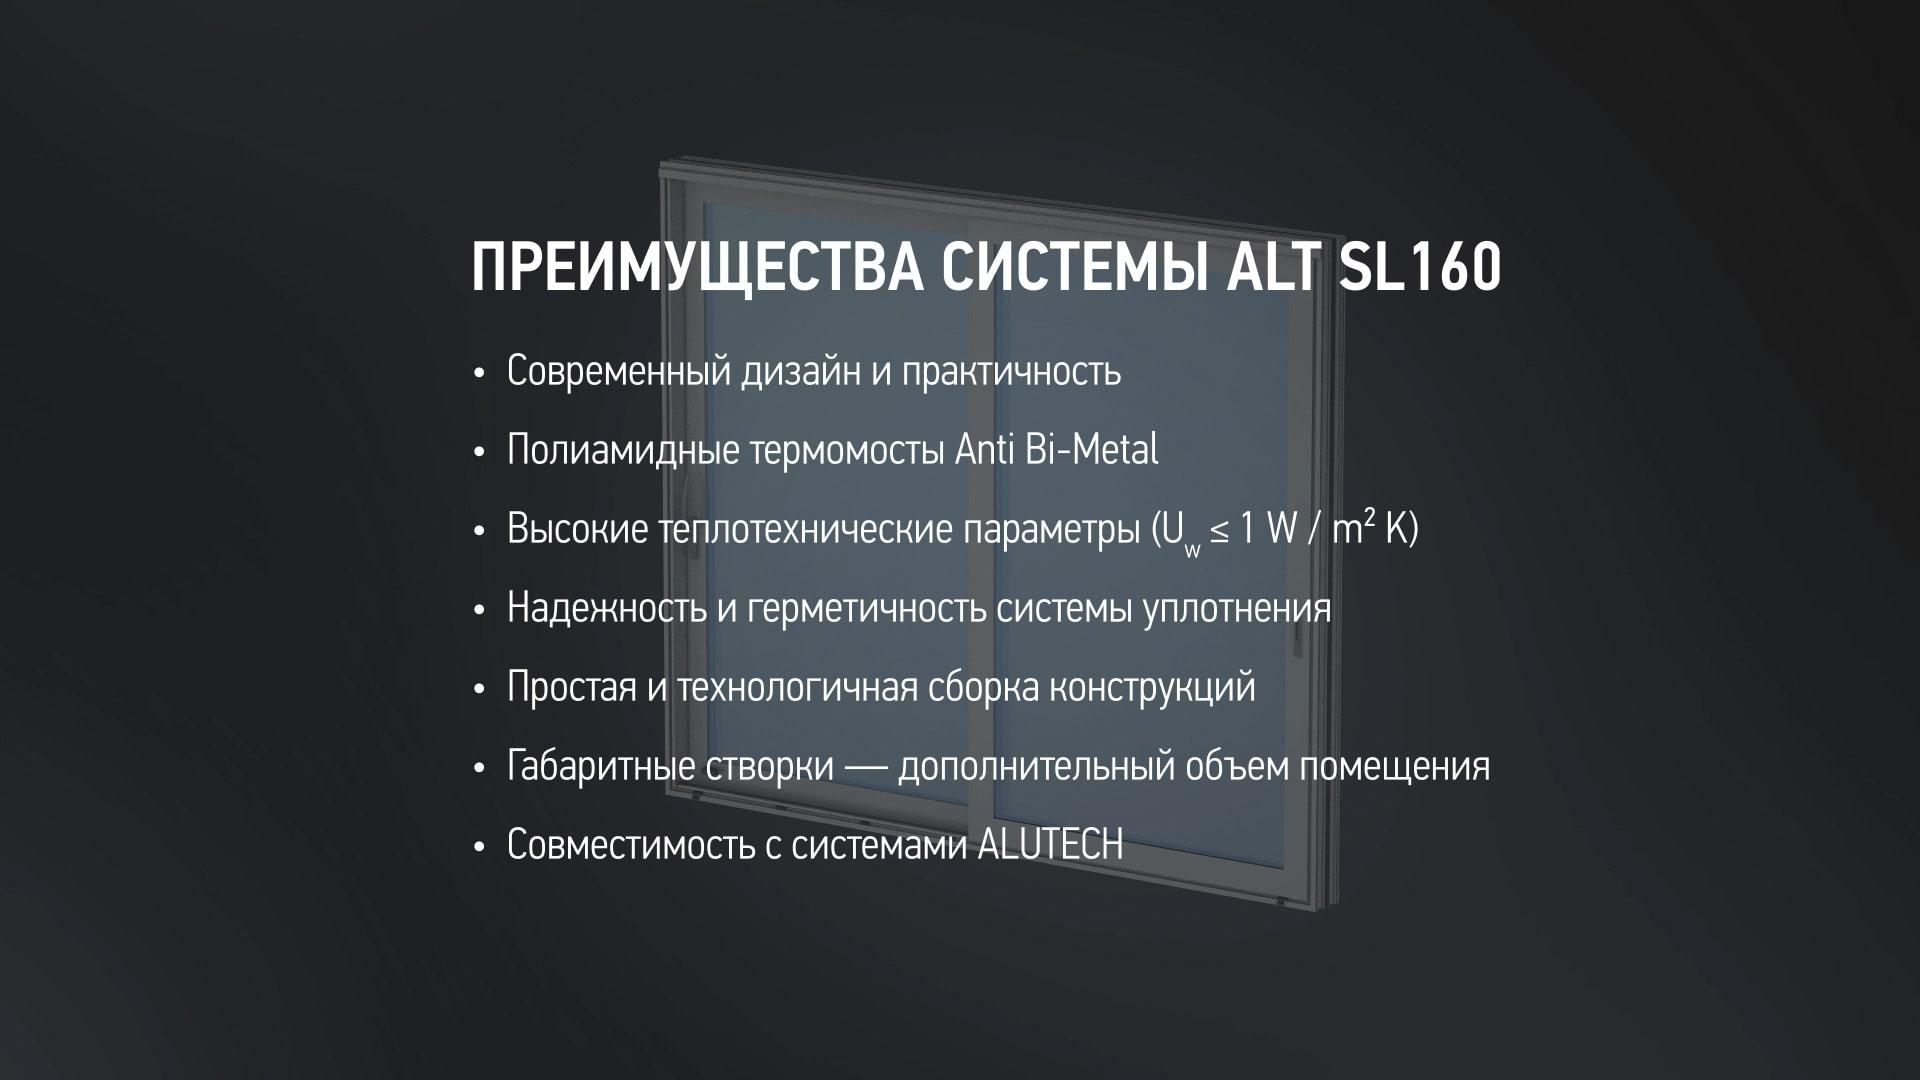 Преимущества системы ALT SL160